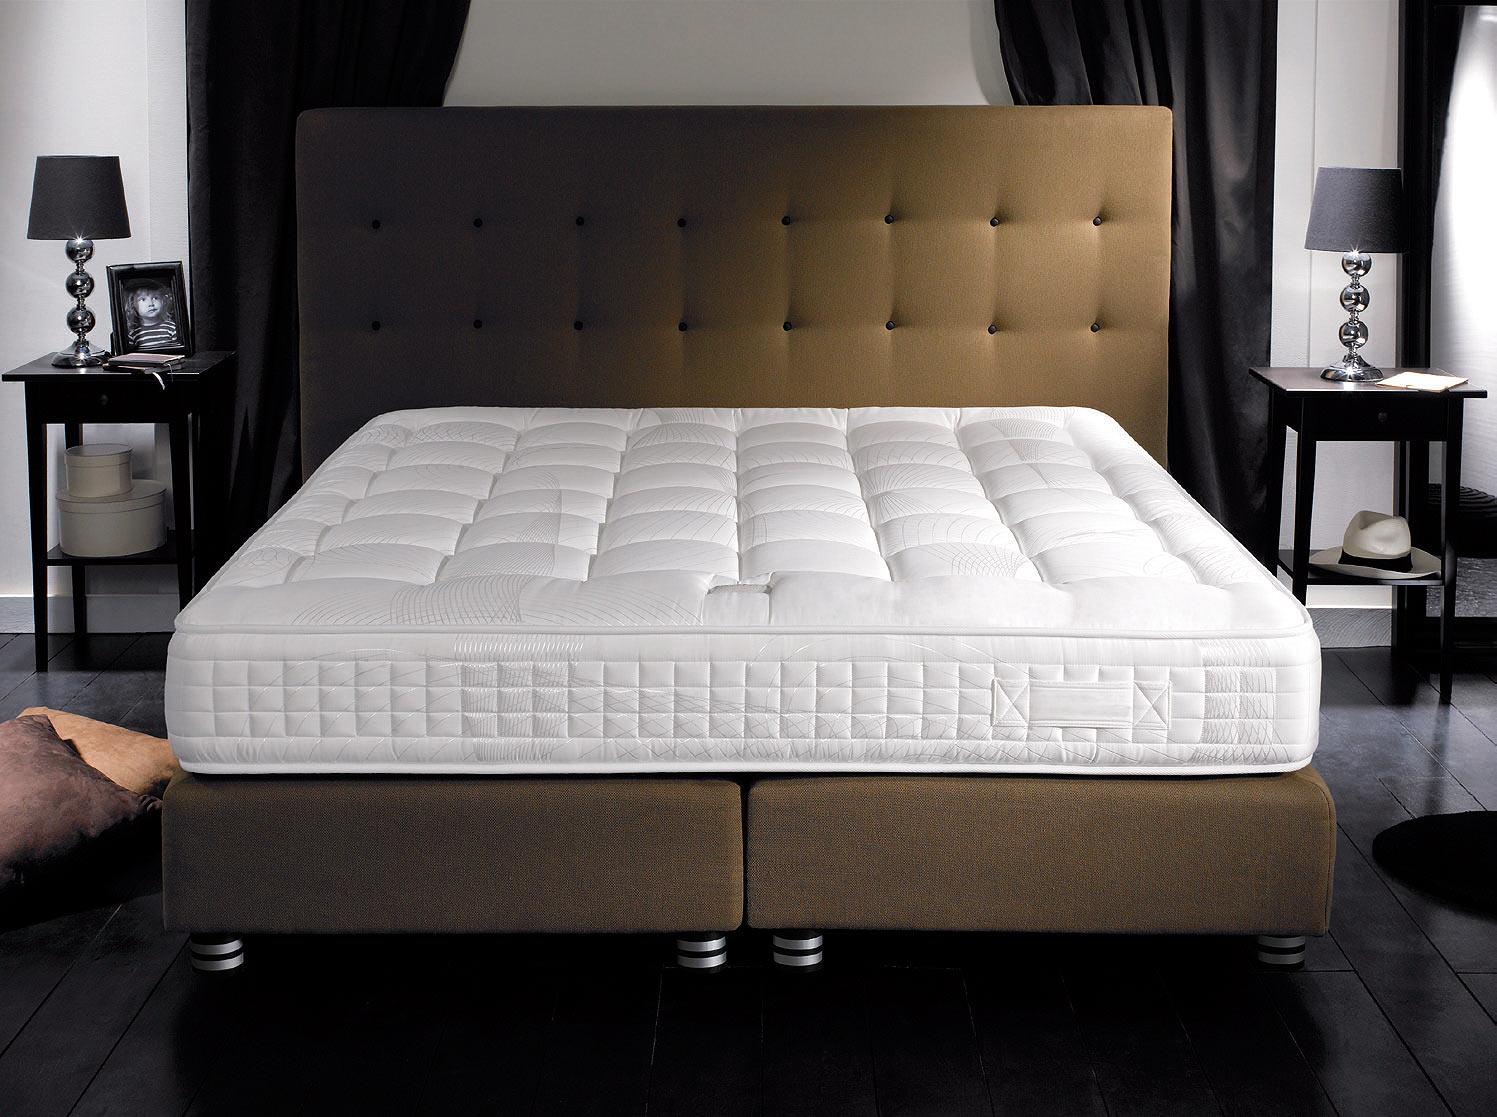 Матрас на двуспальную кровать, что это такое и зачем он нужен